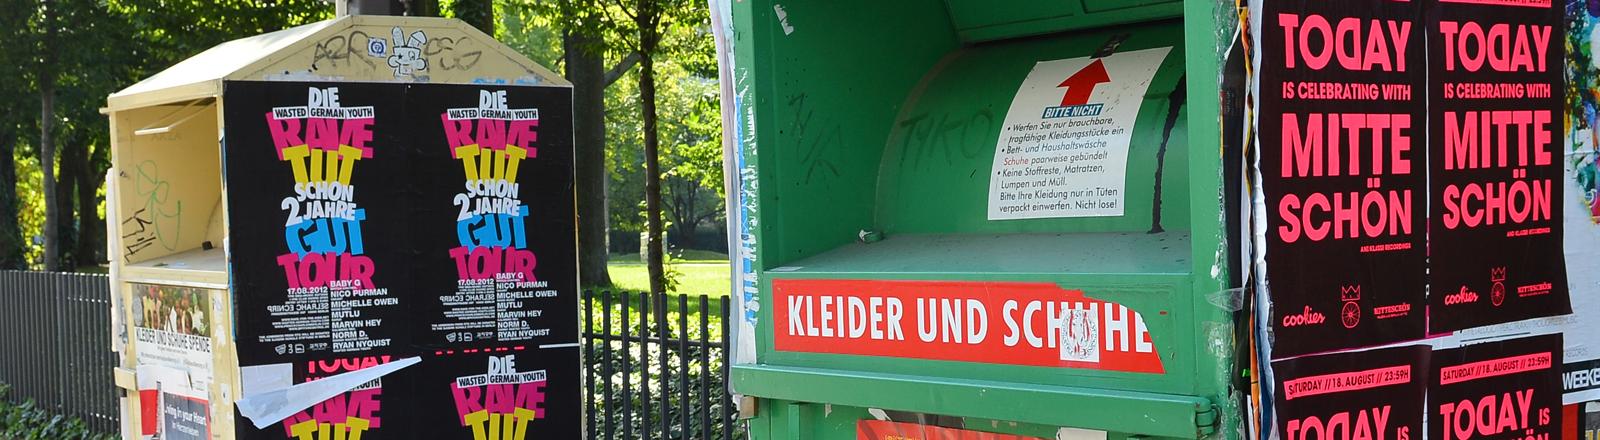 Kleidercontainer in Berlin. dpa